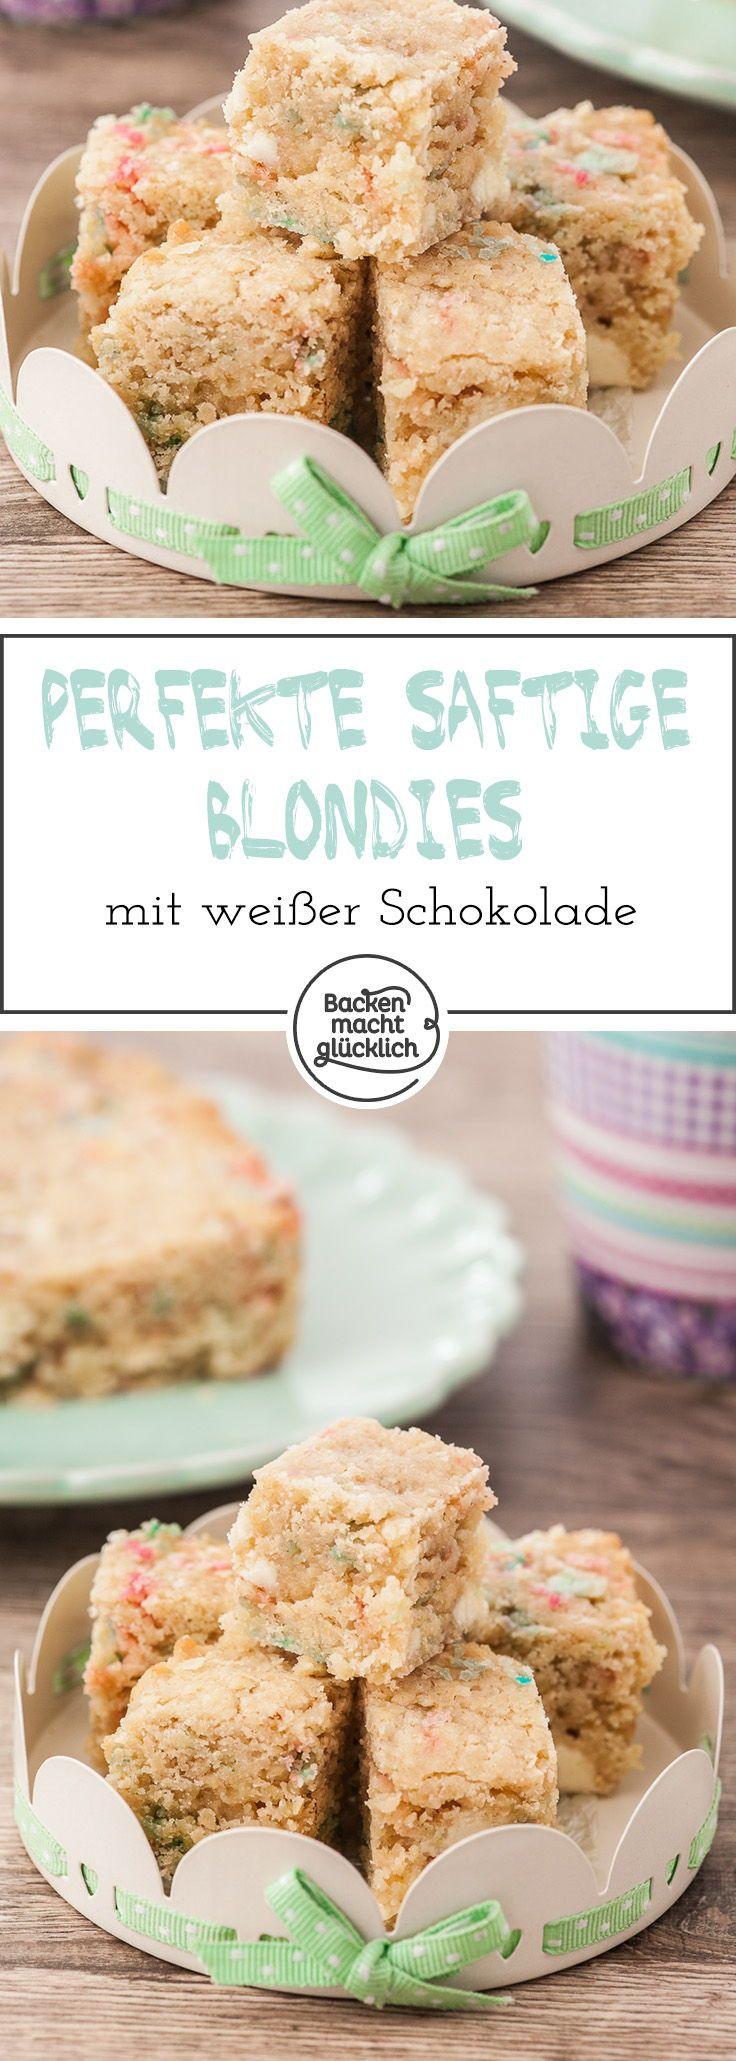 Tolles Rezept für saftige, üppige und cremige Blondies mit weißer Schokolade. Die Blondies können mit  bunten Streuseln oder Macadamia-Nüssen gebacken werden.